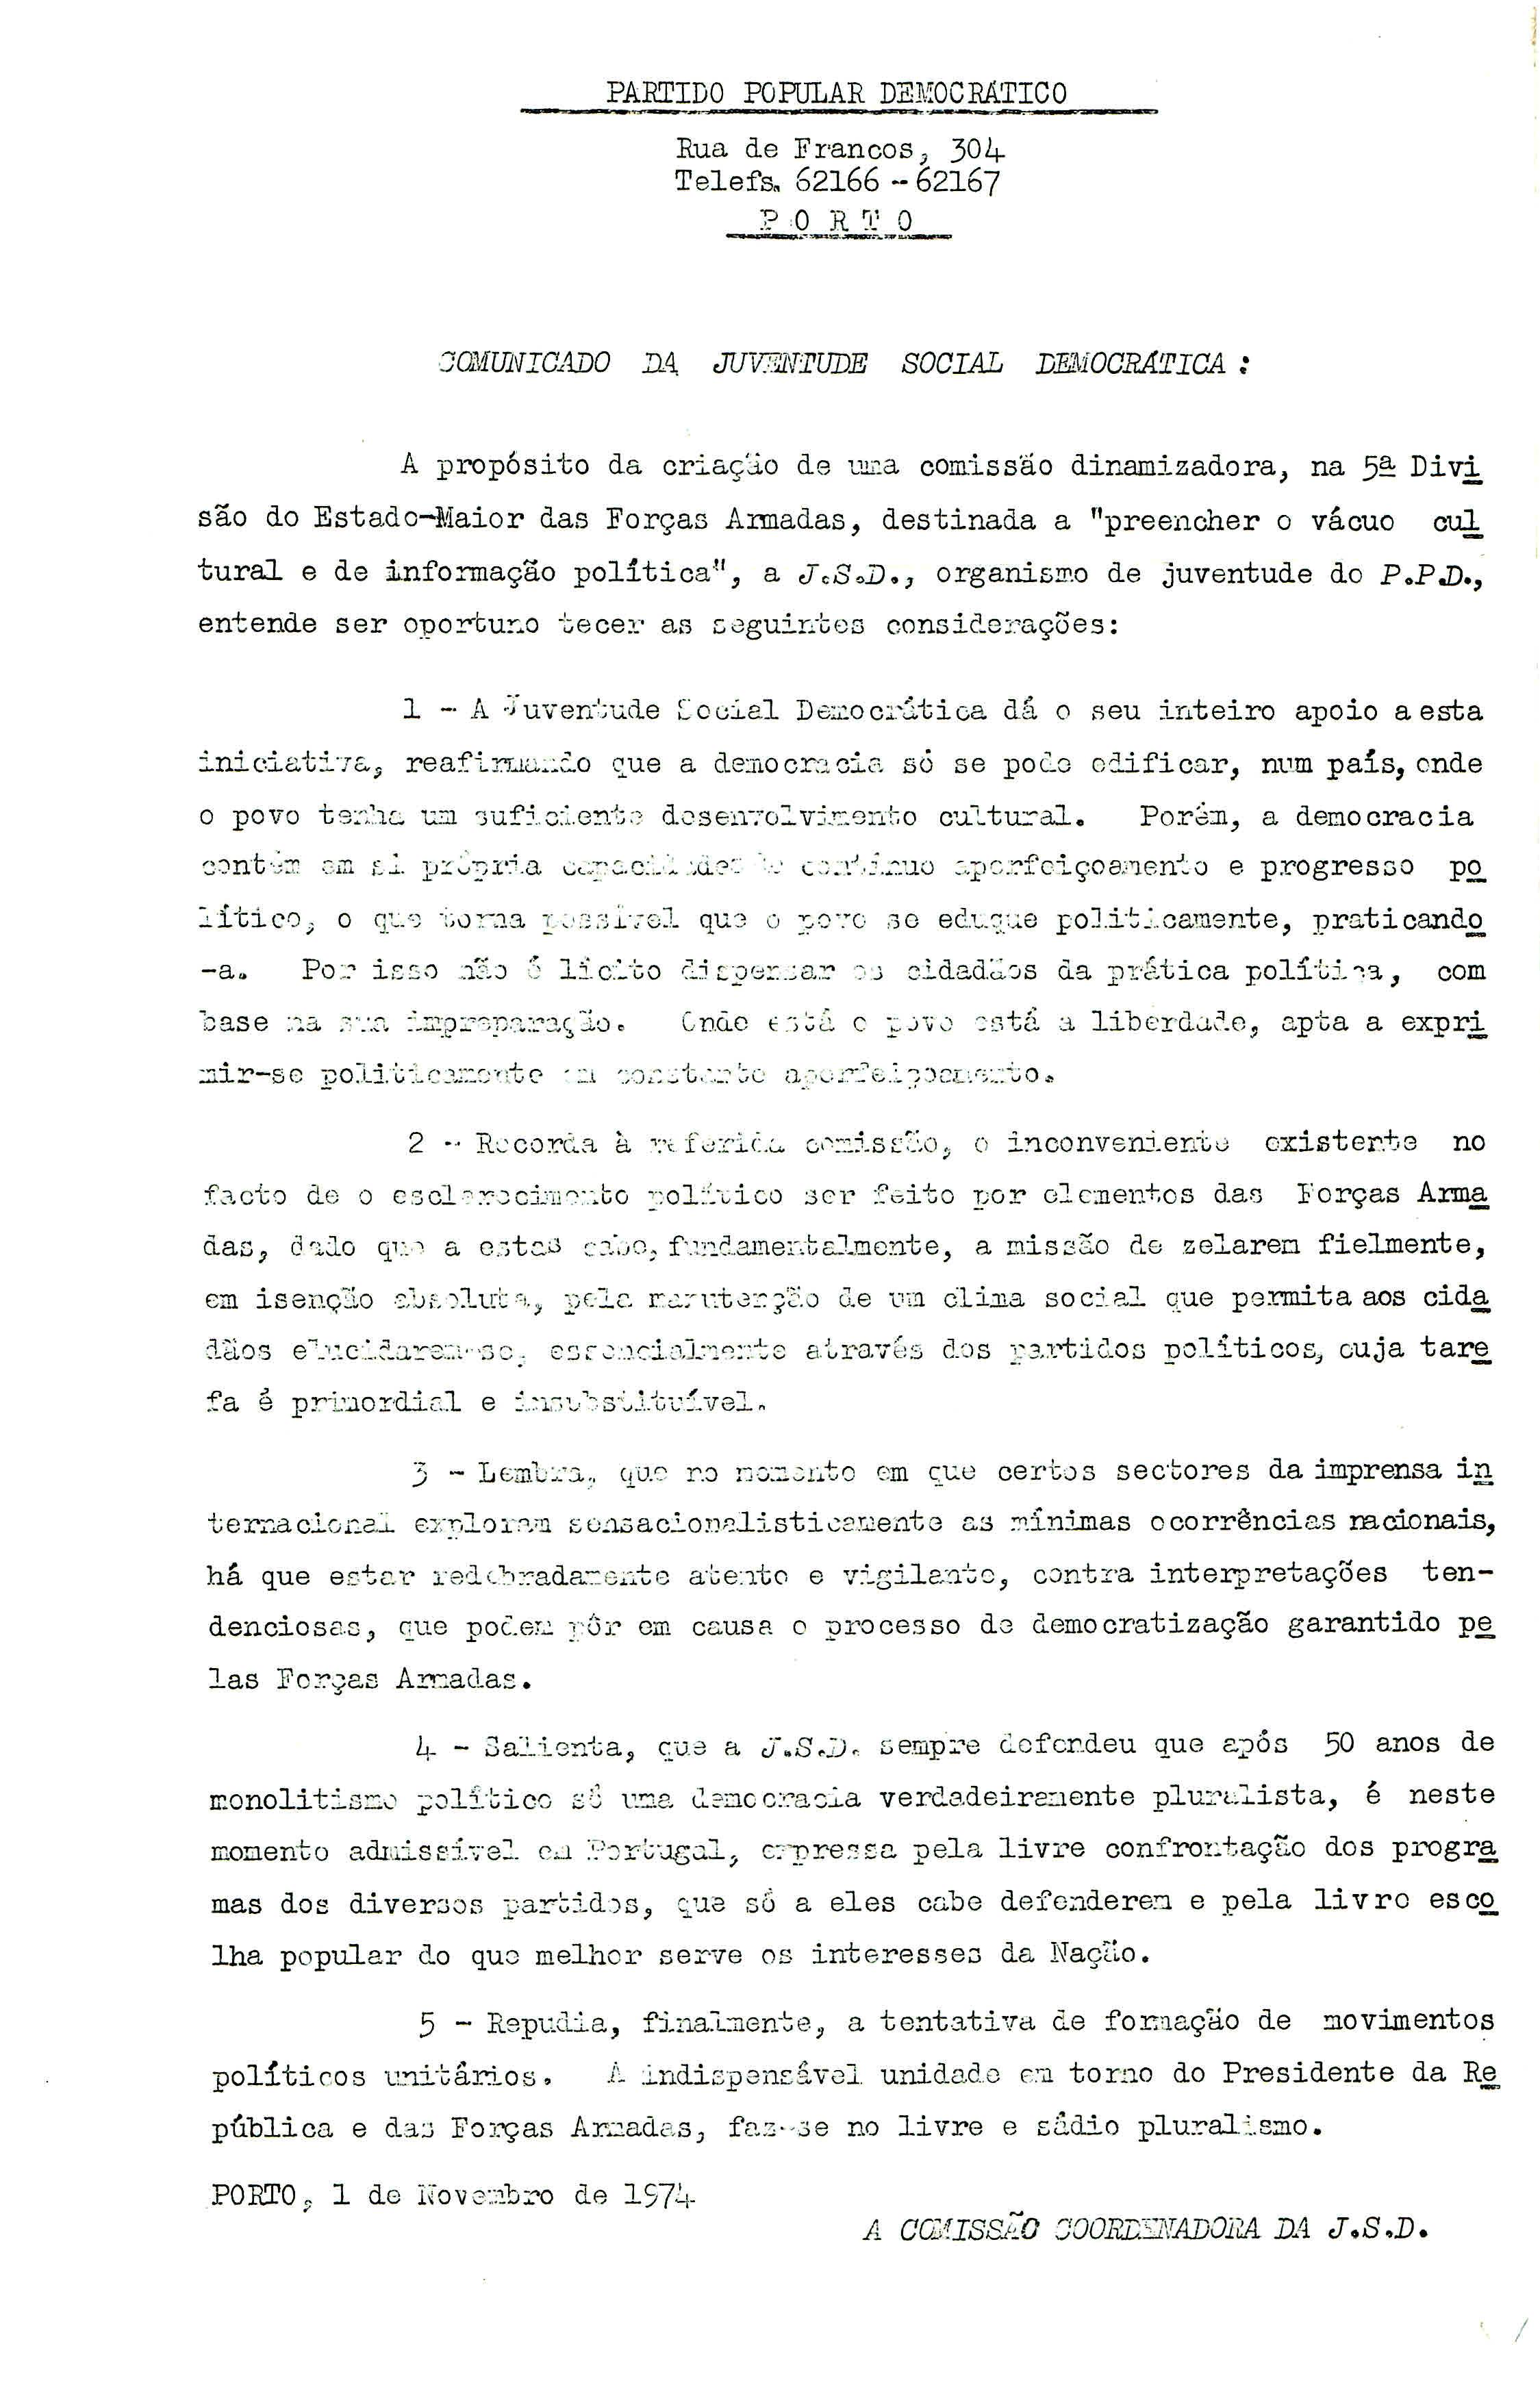 Ppd 1974 ephemera biblioteca e arquivo de jos pacheco pereira fandeluxe Image collections